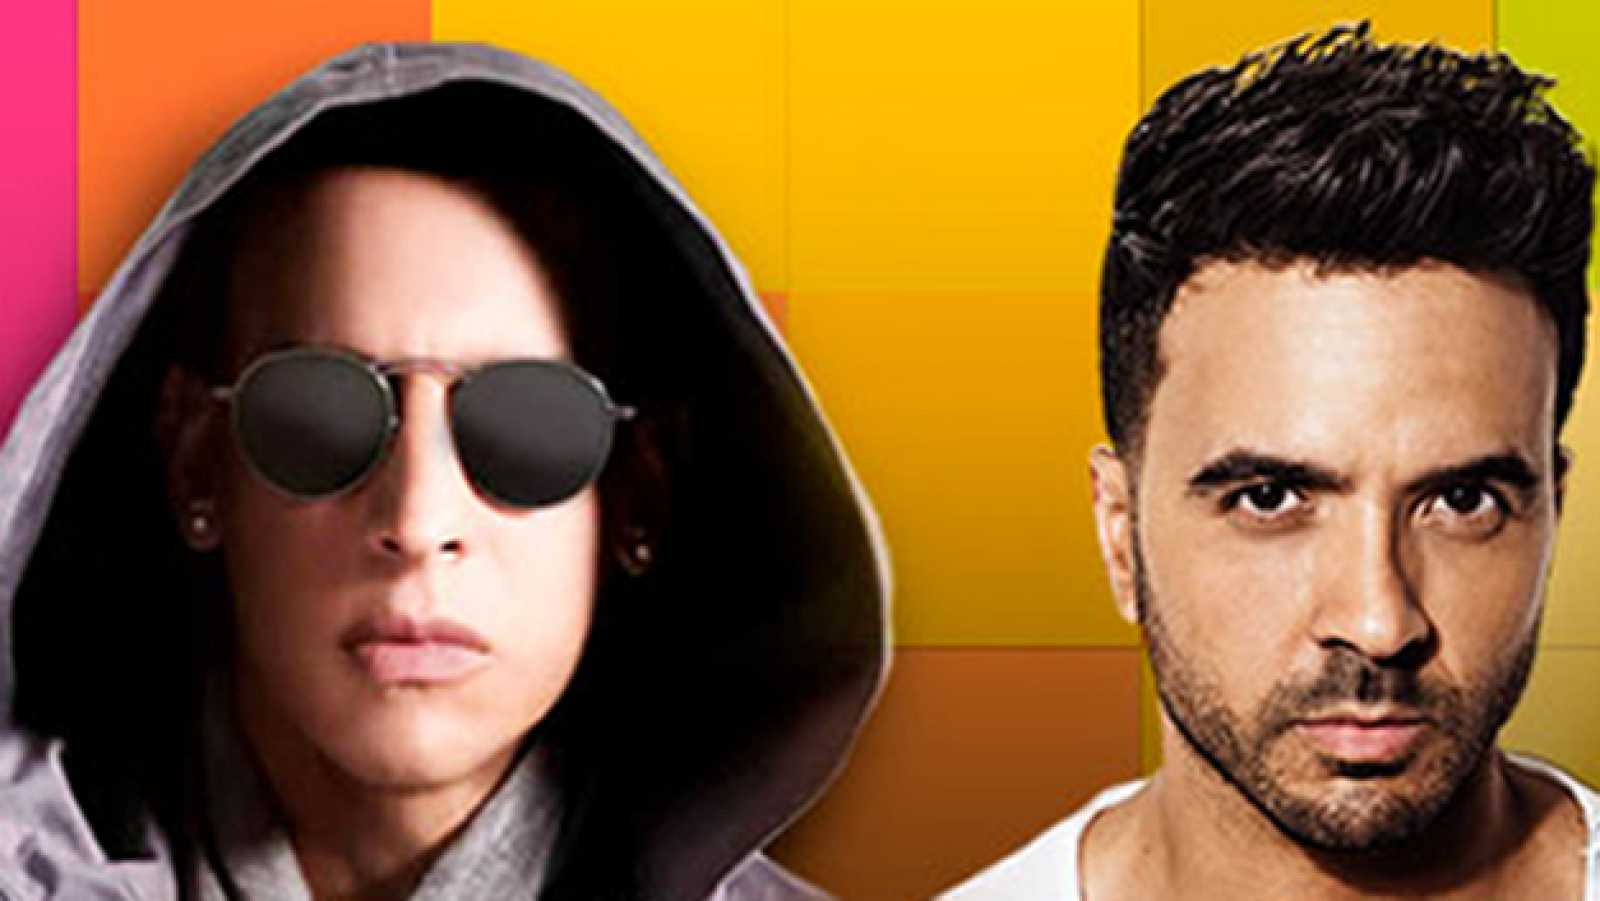 Salimos por el mundo - K-Narias, Daddy Yankee y Luis Fonsi, en el Canarias Urban Fest - 19/07/18 - escuchar ahora